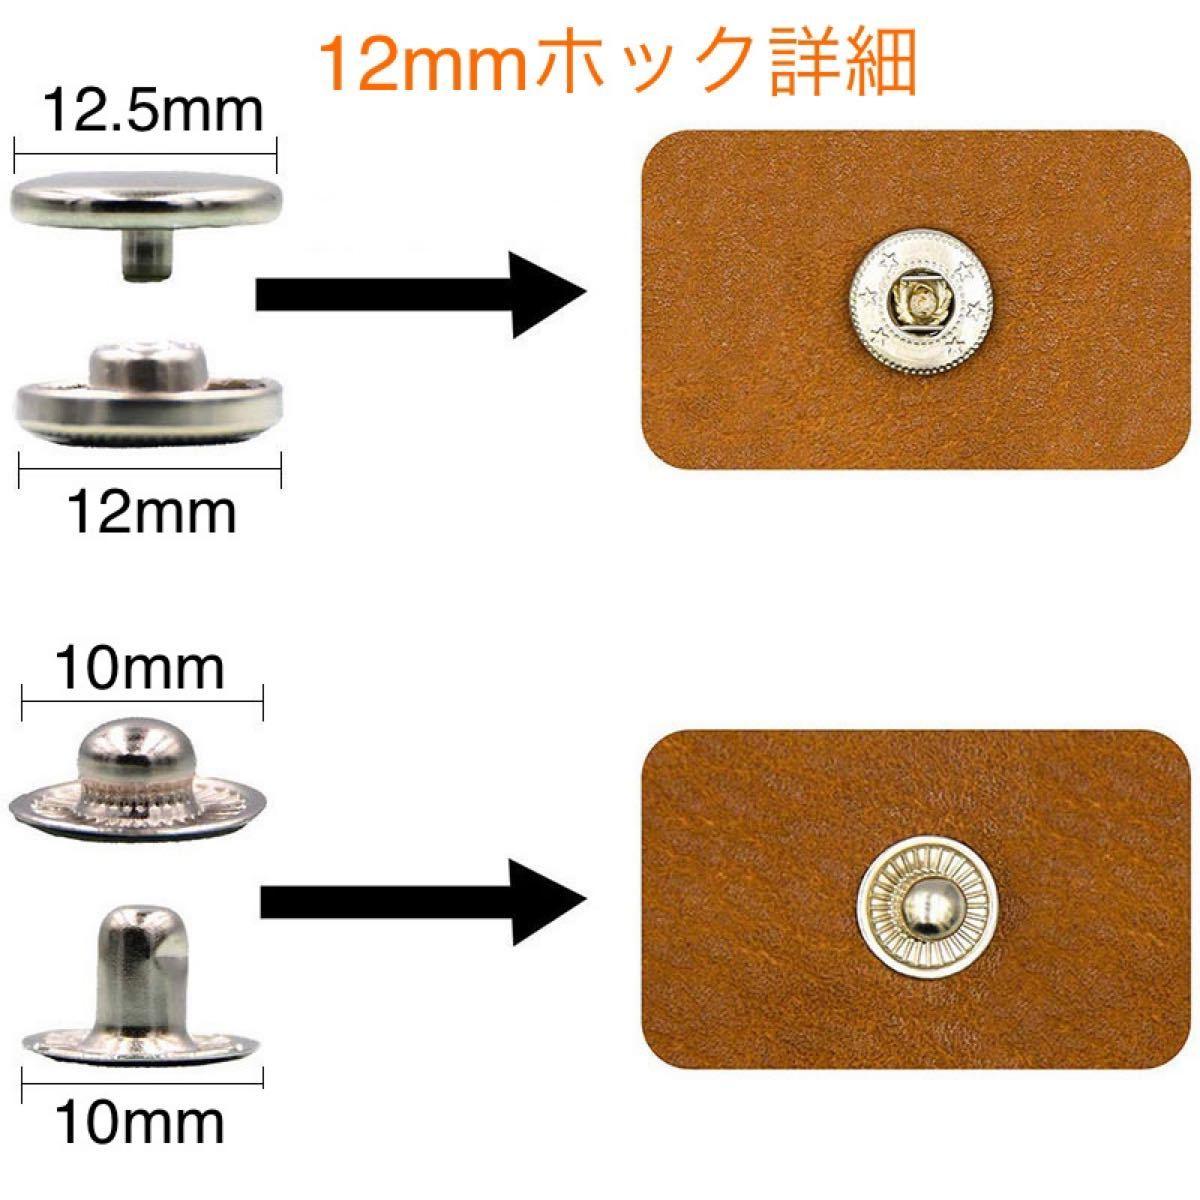 レザークラフト 真鍮製バネホック12mm6色120組 手芸 ハンドメイド 材料 ハンドクラフト 収納ケース付き